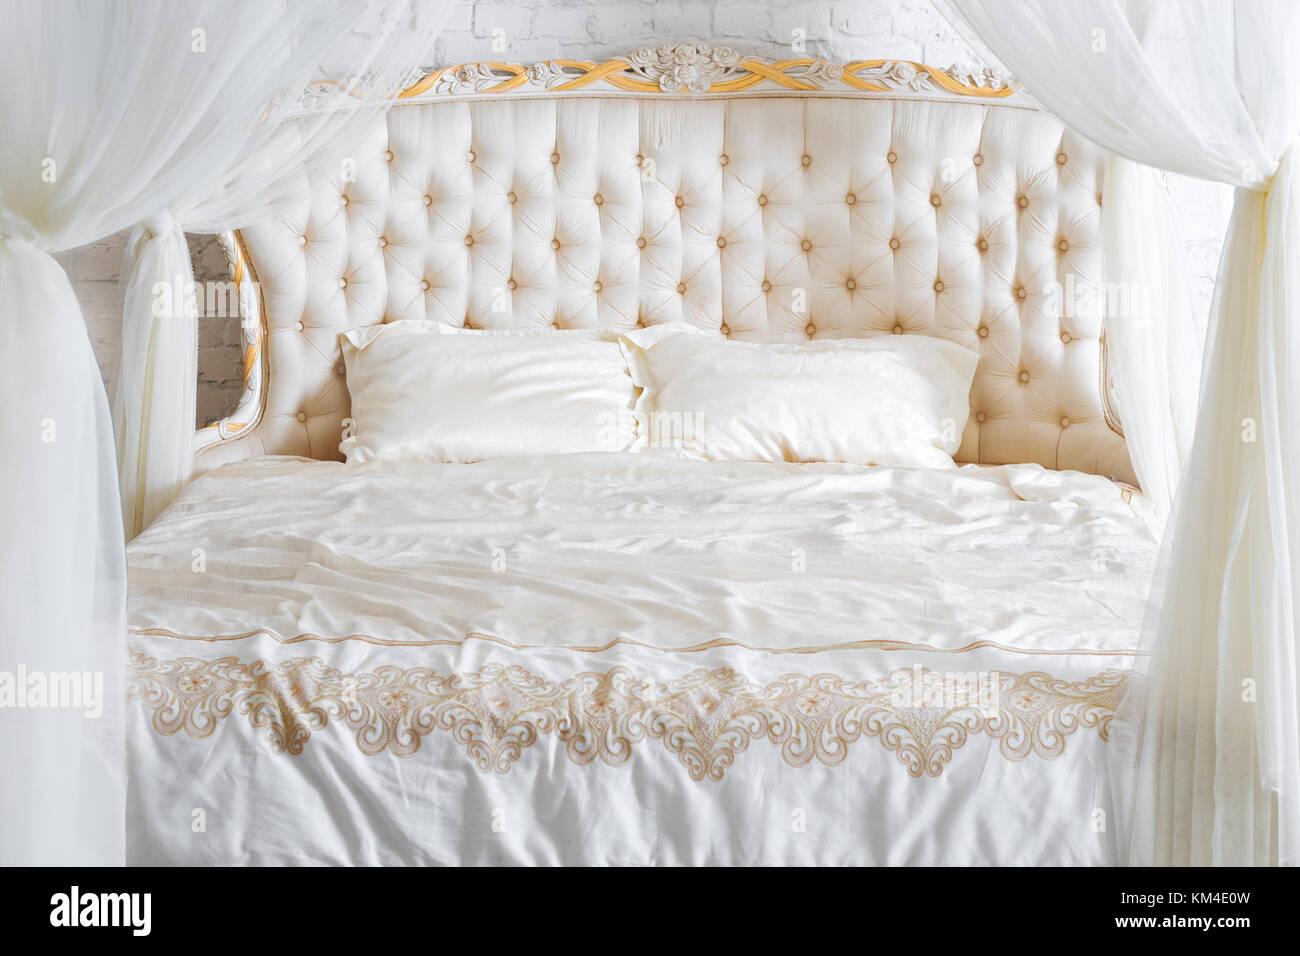 Camere Da Letto Con Letto A Baldacchino : Camera da letto in tenui colori chiari. grande confortevole camera